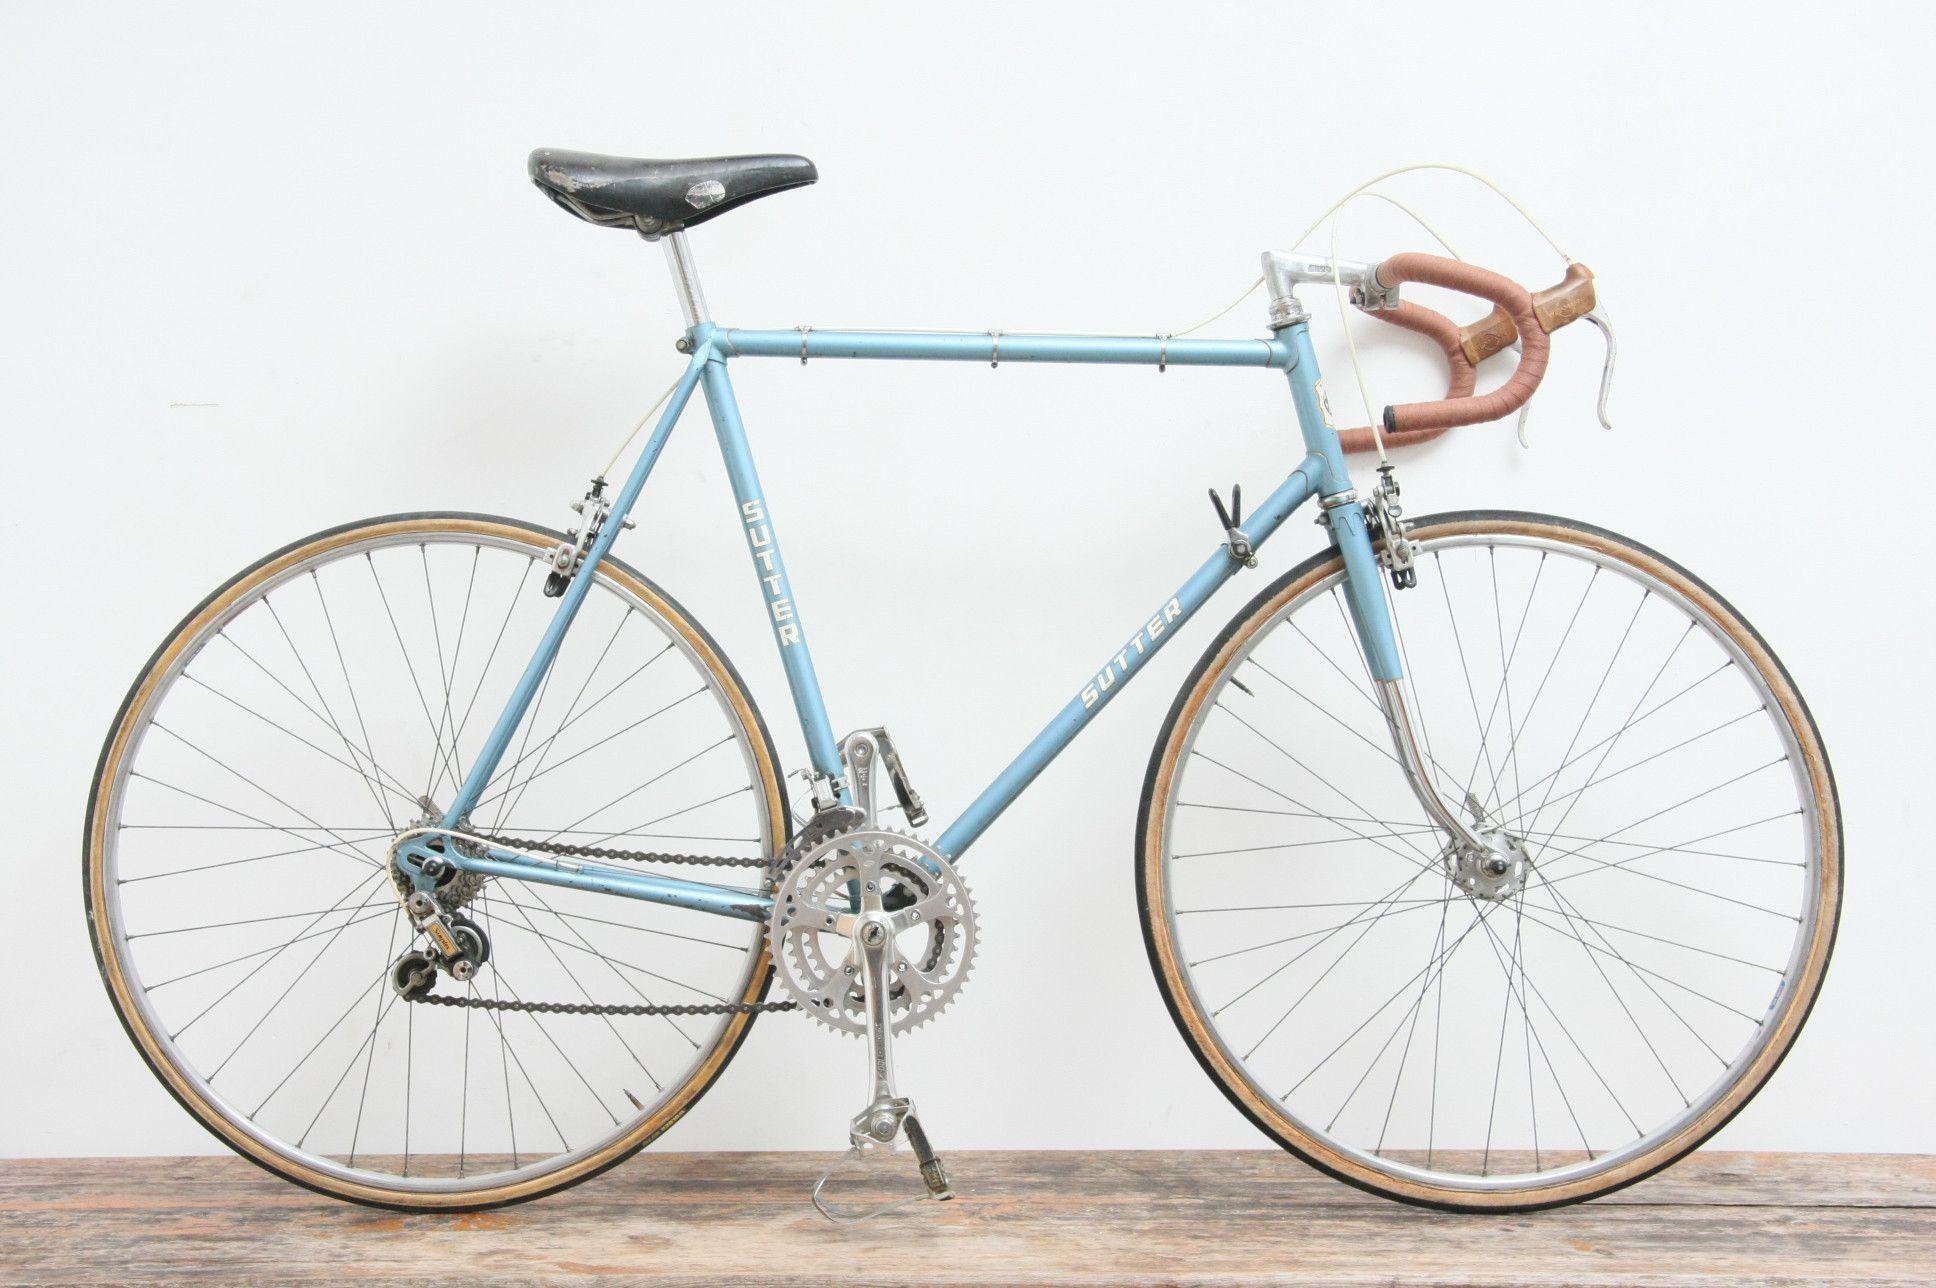 Sutter Vintage Lightweight Racing Bike - For Sale at Pedal Pedlar ...